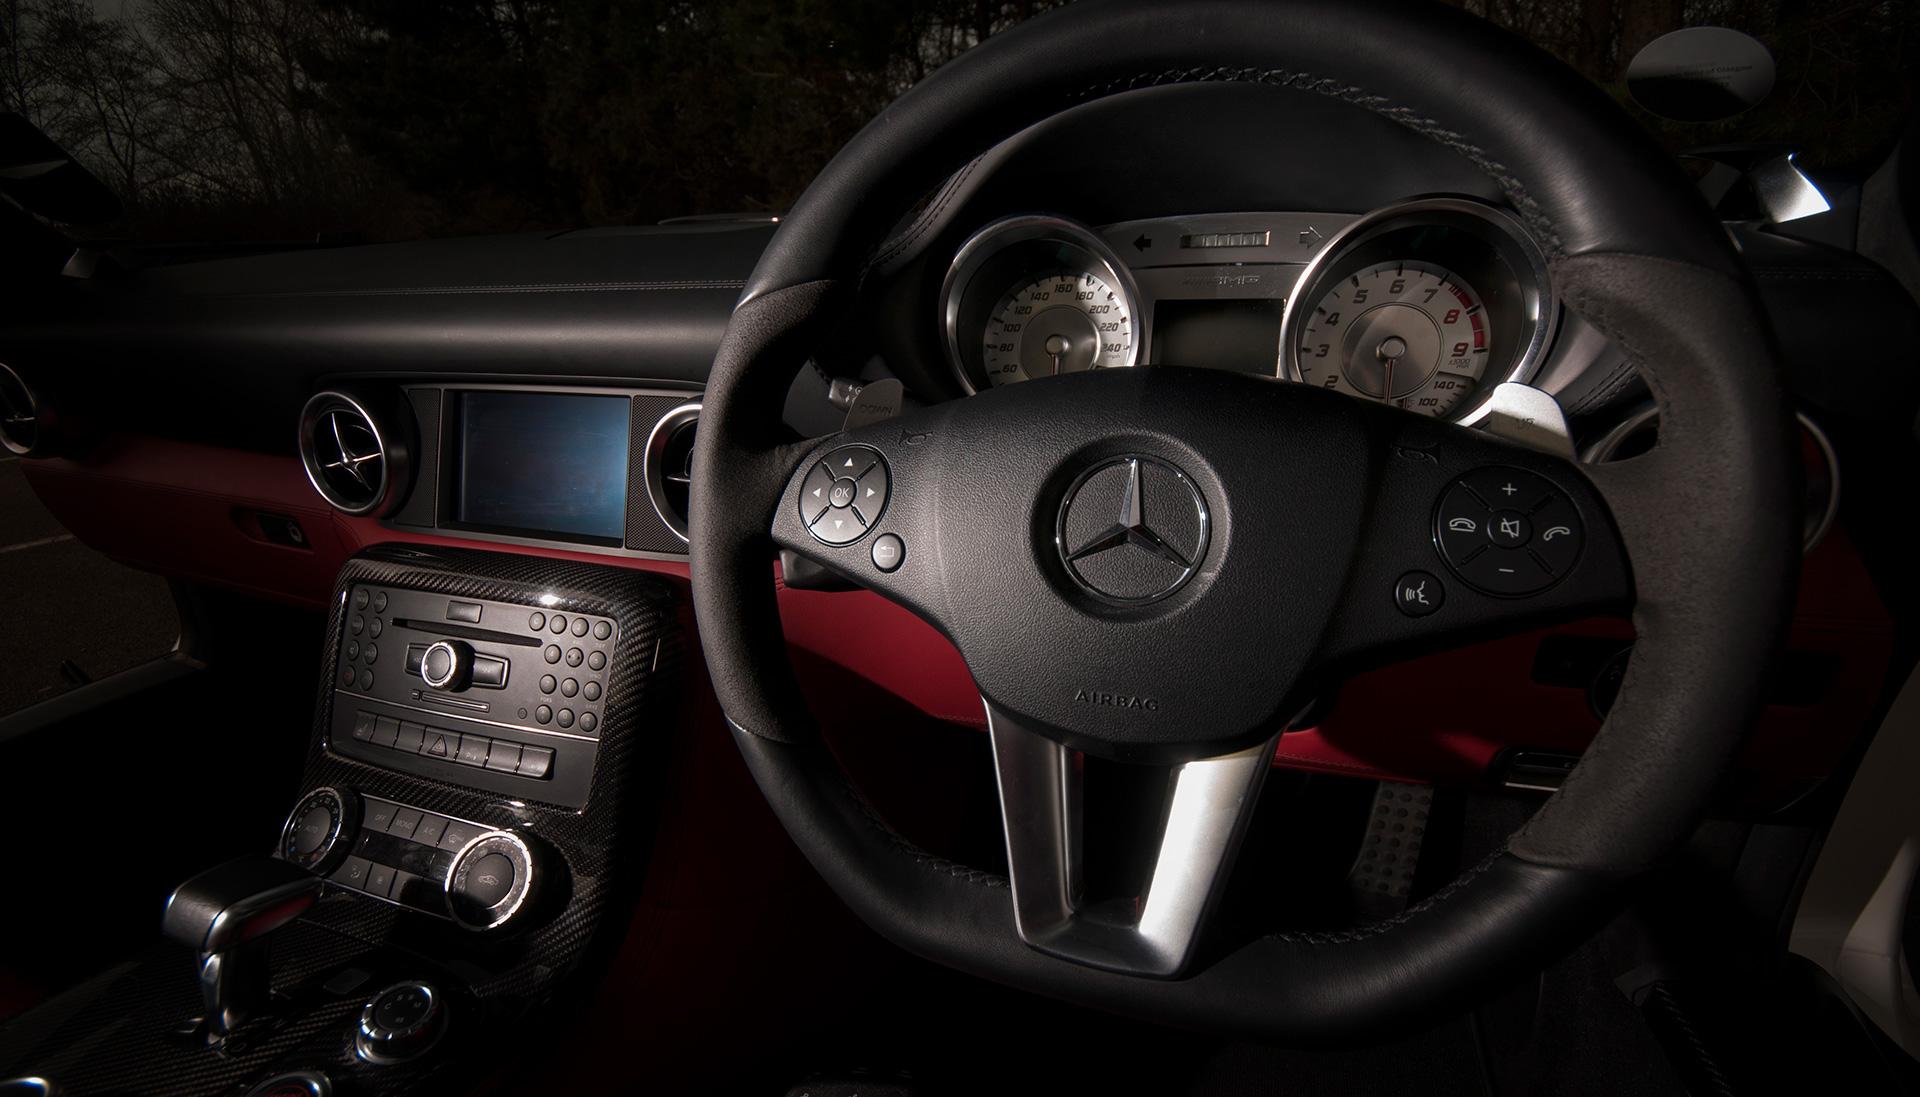 Mercedes SLS AMG Gullwing dash